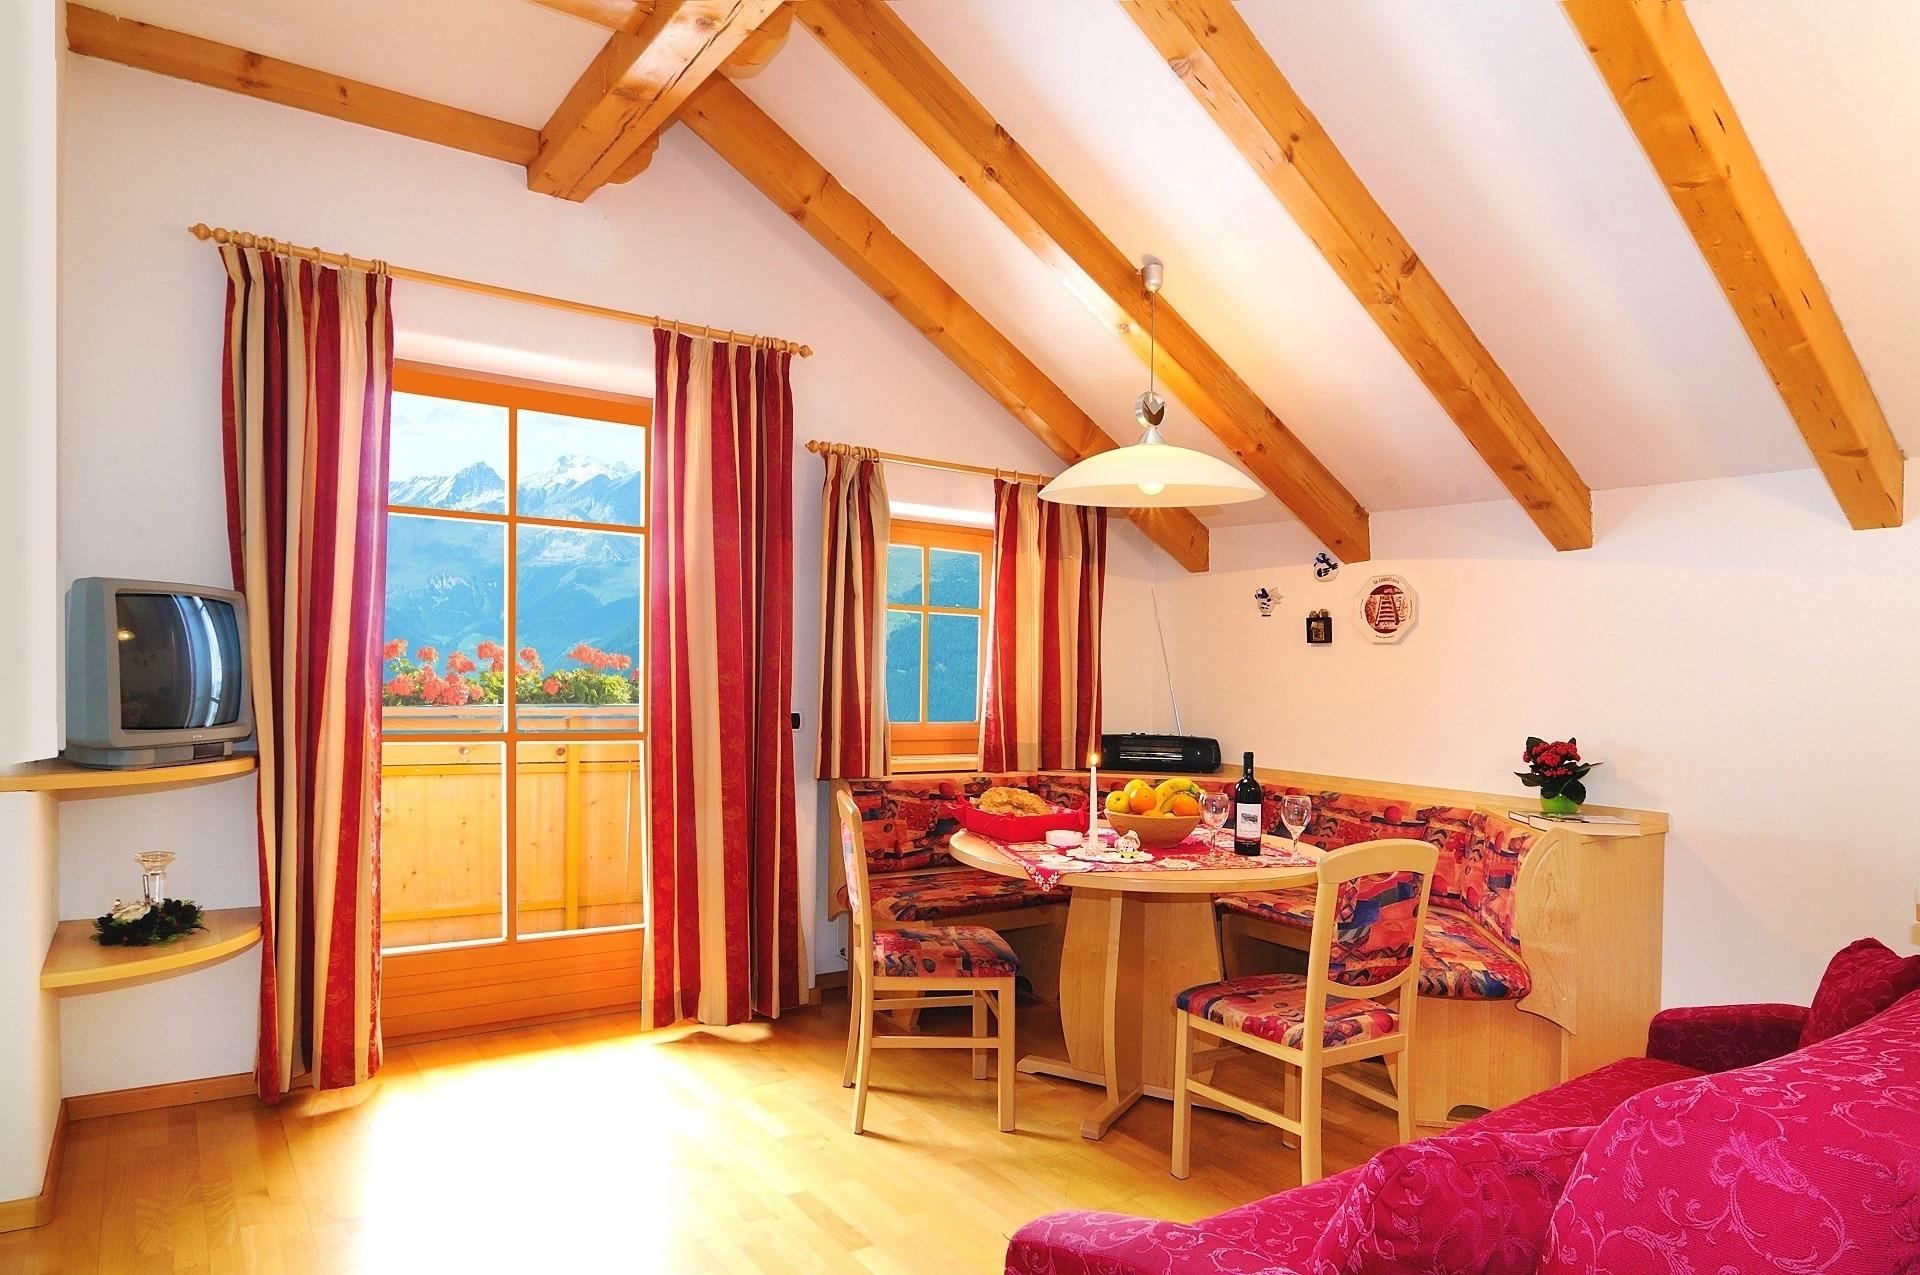 Ferienwohnung Oberplunerhof Chaletapartment Gitschberg (2701876), Kiens (Chienes), Pustertal, Trentino-Südtirol, Italien, Bild 1